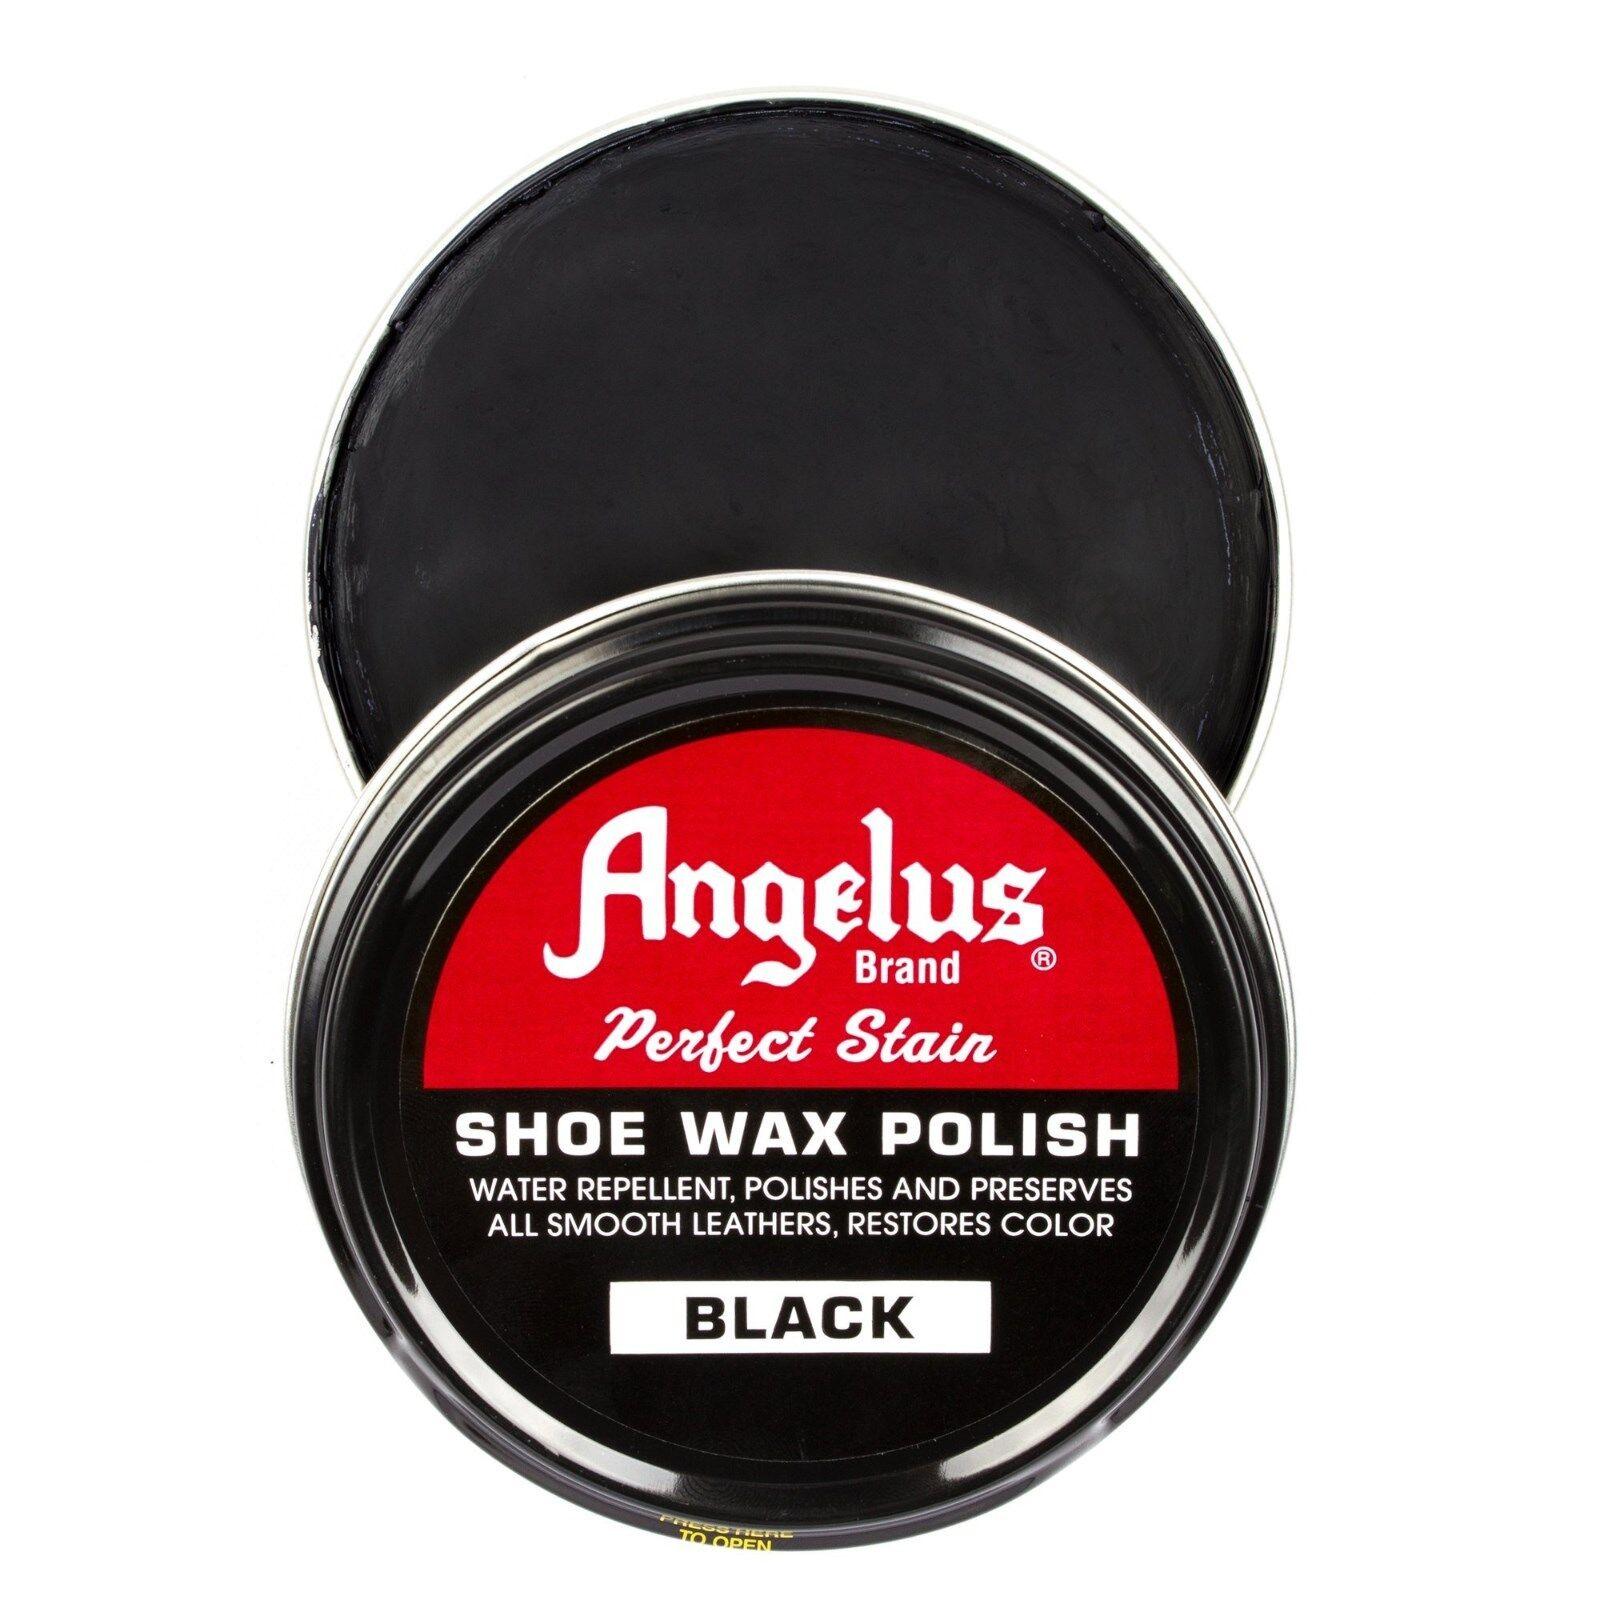 Angelus Shoe Wax Polish 3fl Oz BLACK NEW Clothing & Shoe Care